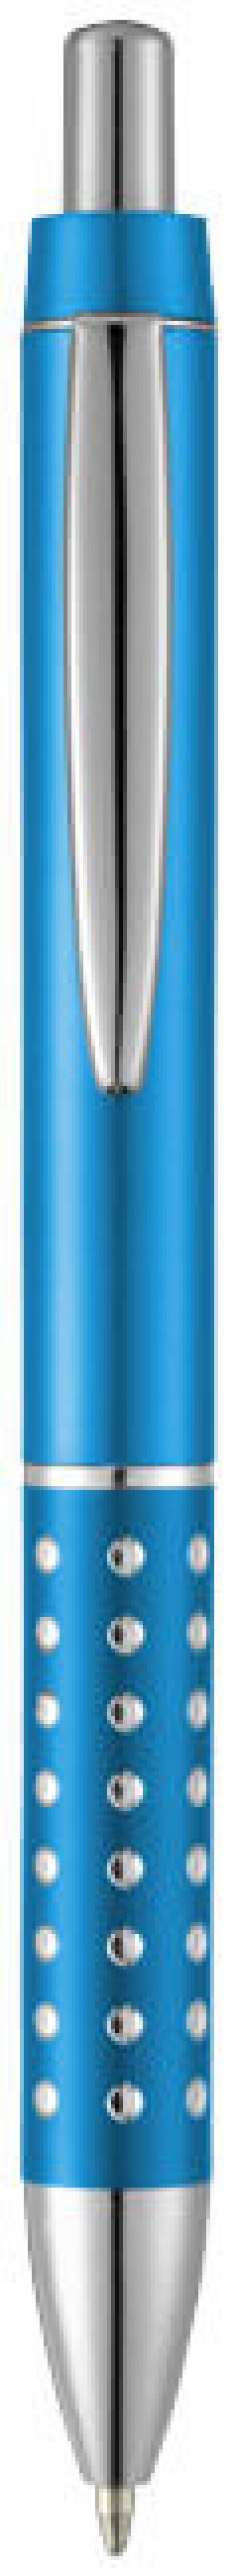 obrazok Kuličkové pero Bling - Reklamnepredmety